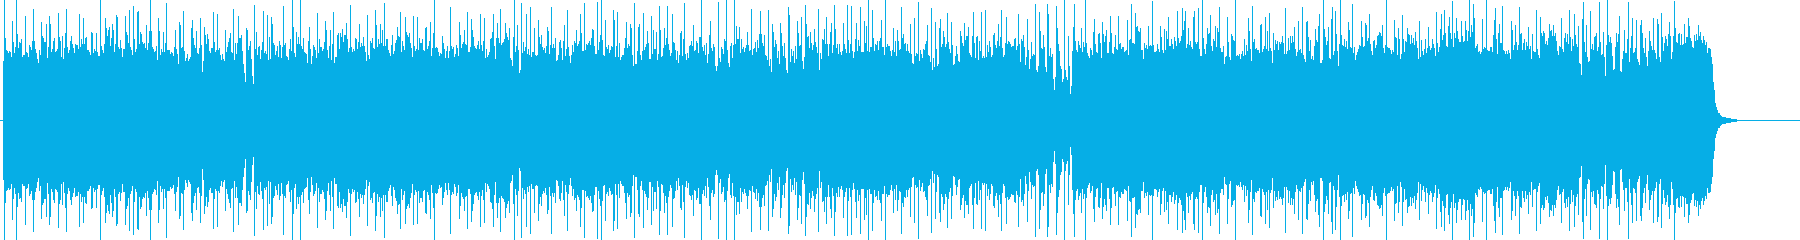 疾走感溢れるエキサイティングロックの再生済みの波形